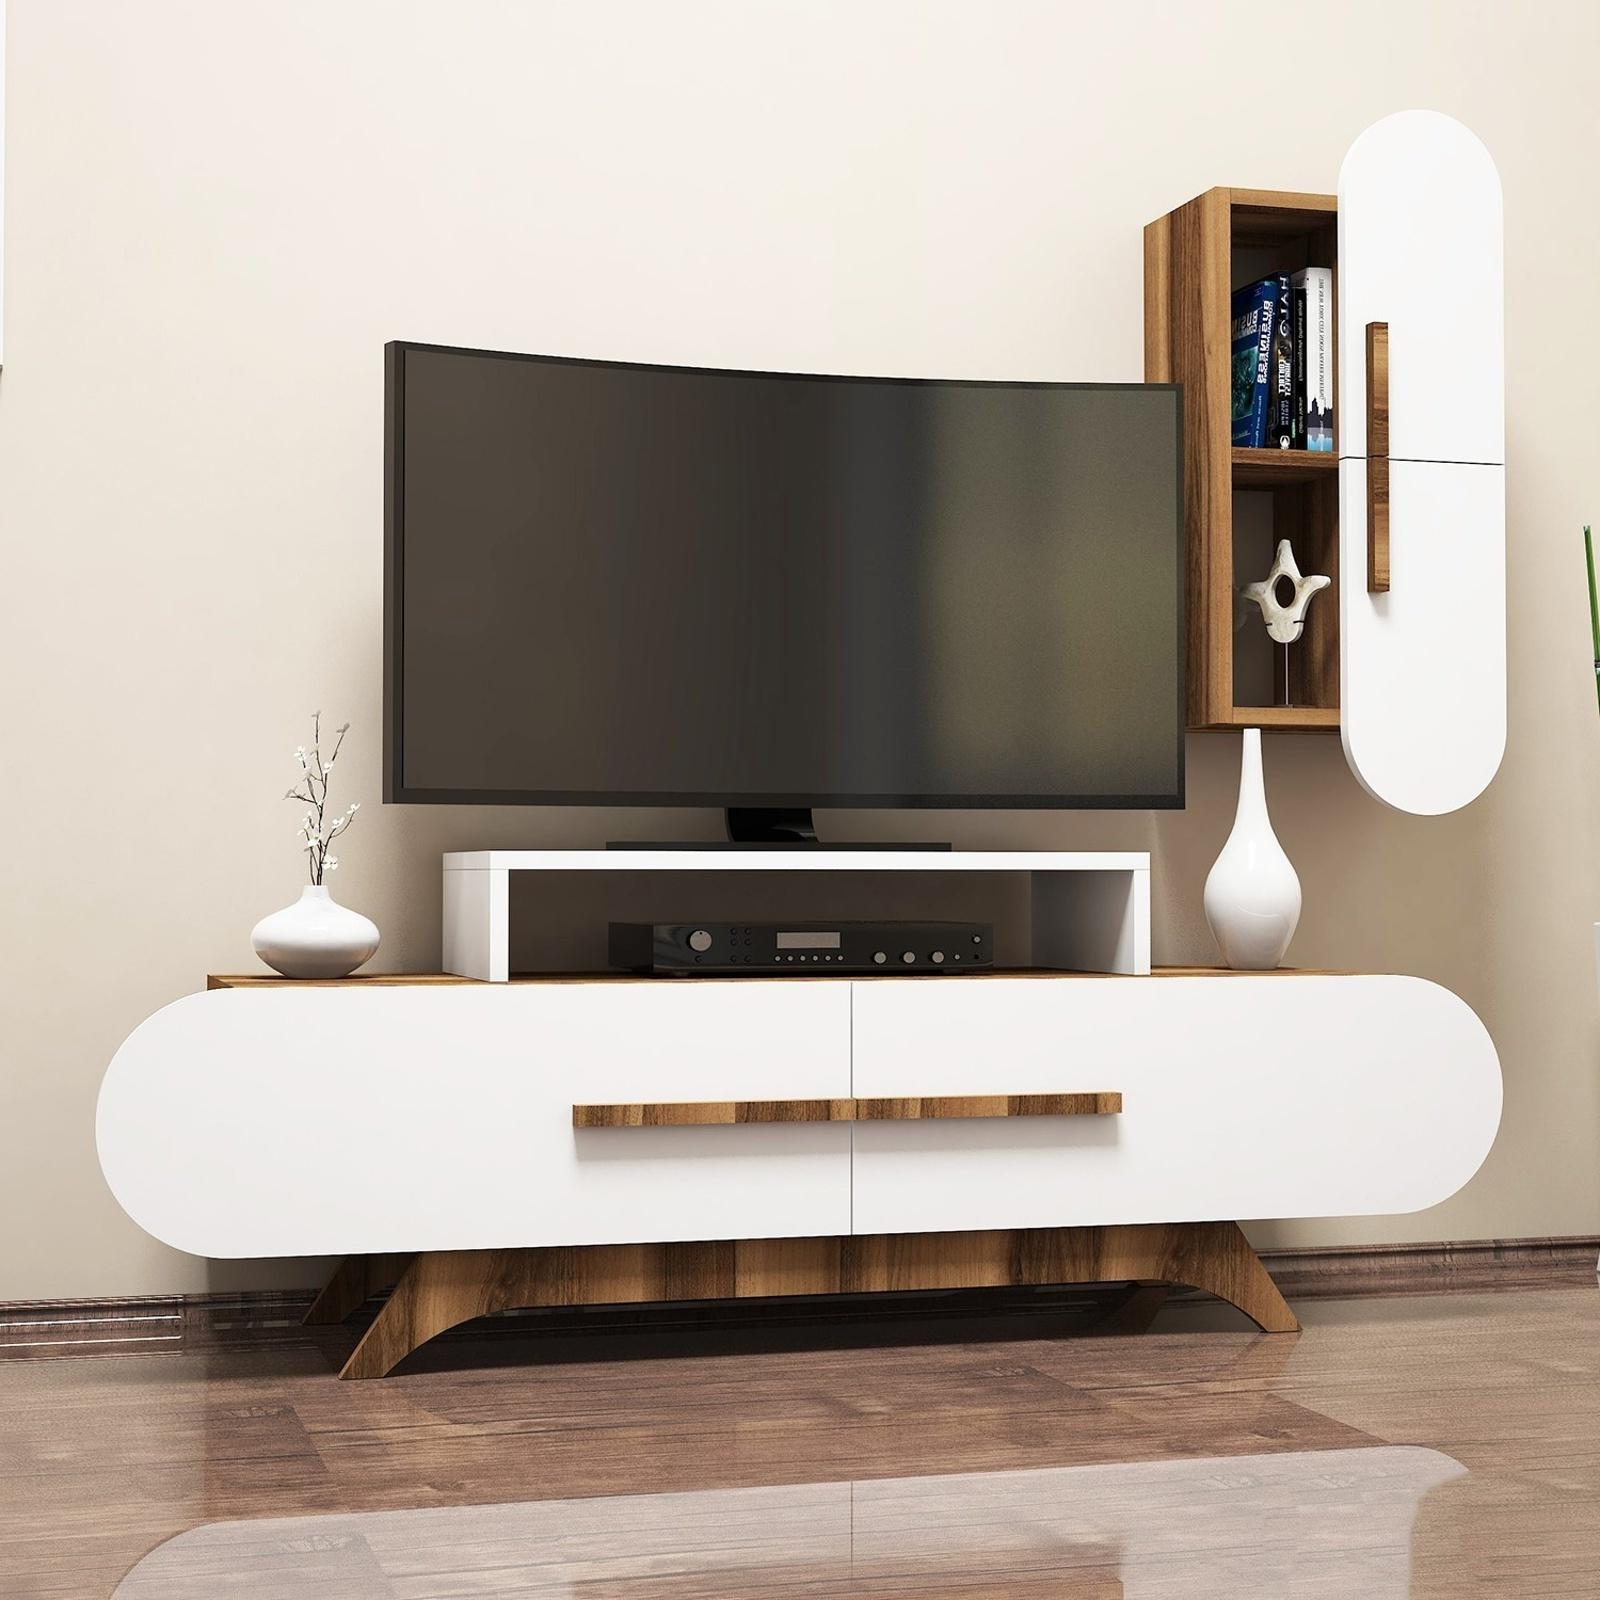 Variant Rose Duvar Raflı Tv Sehpası Ceviz Beyaz | Yukko Regarding Ducar 74 Inch Tv Stands (Gallery 17 of 20)